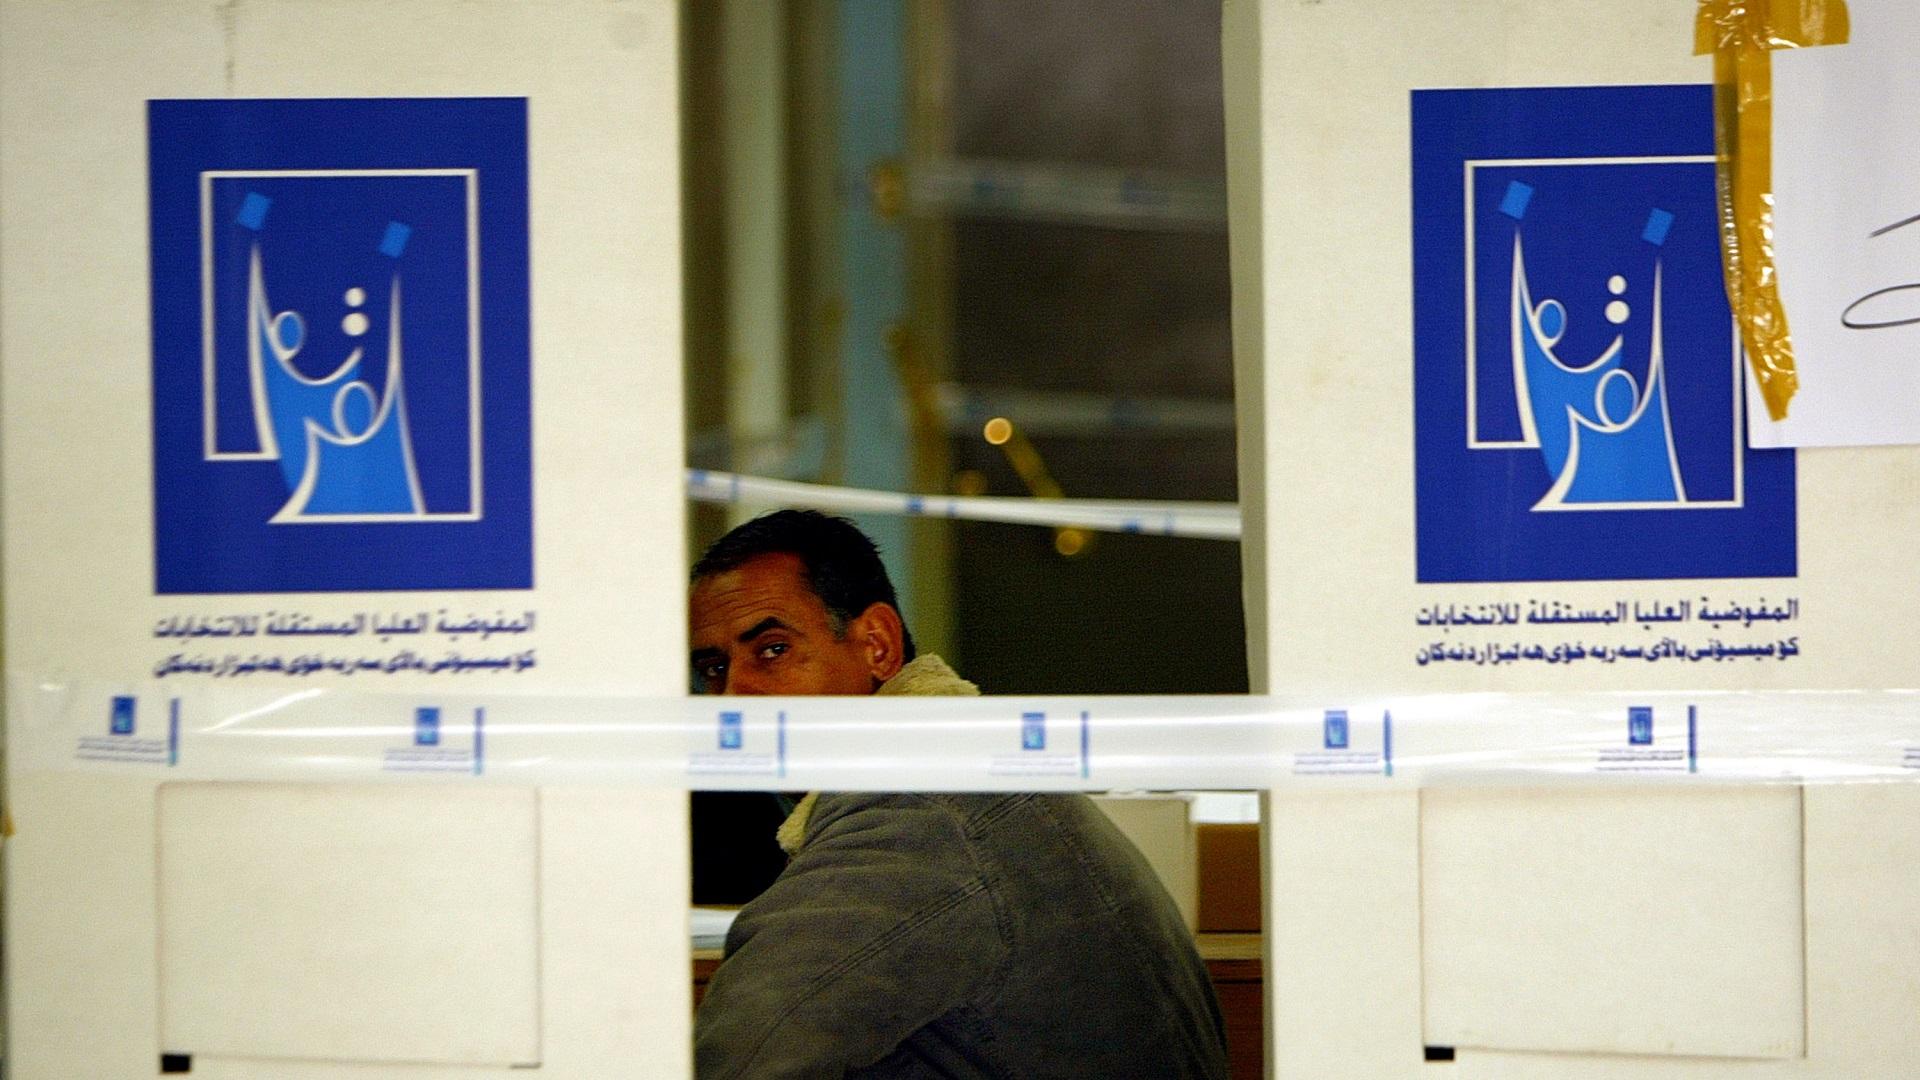 لجنة برلمانية: ضغوط سياسية تمارس على المفوضية لاختيار مديرين متحزبين